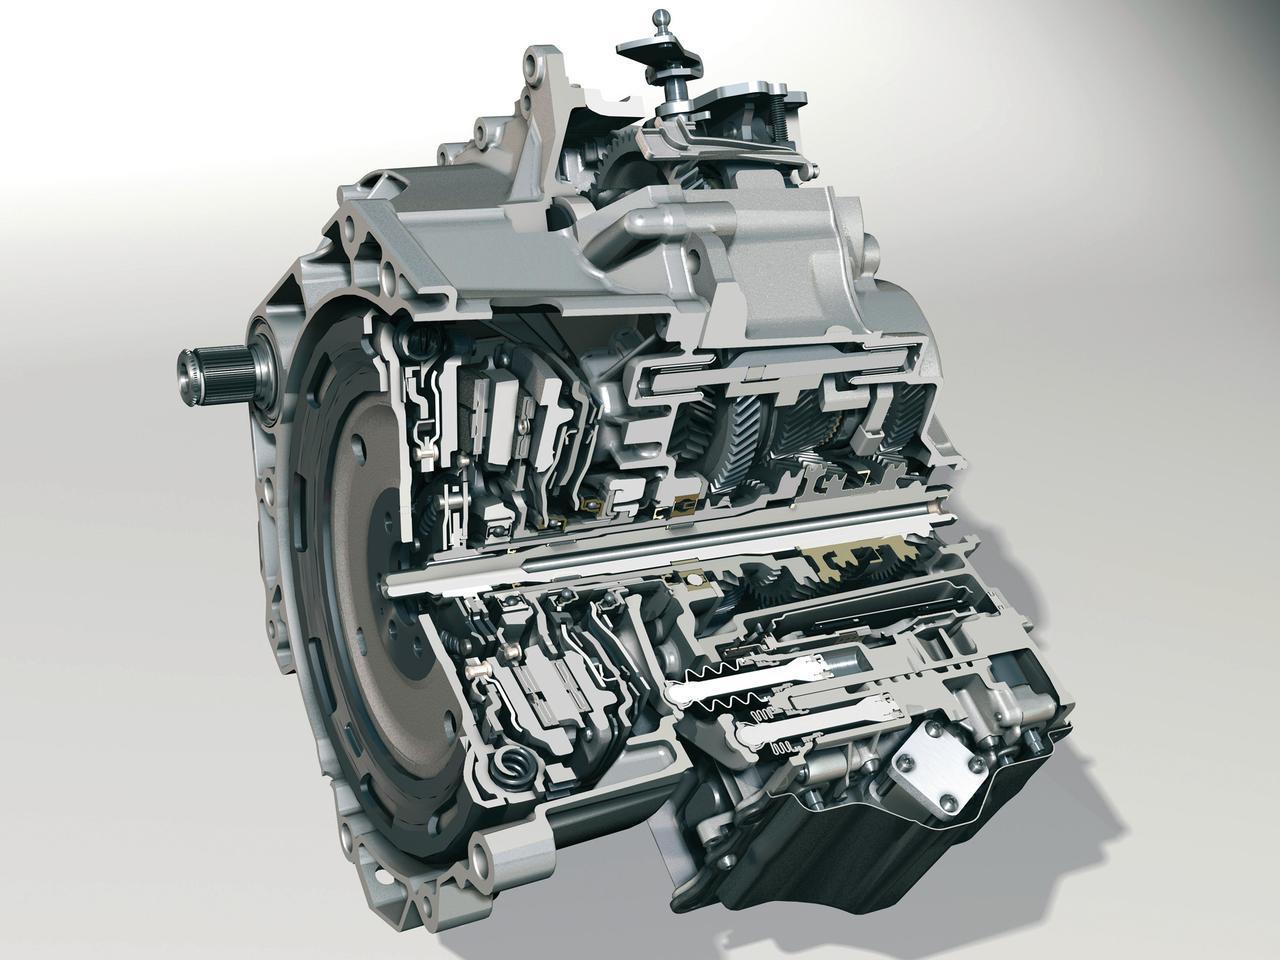 Images : フォルクスワーゲンの6速DSG(DCT)のカットモデル。